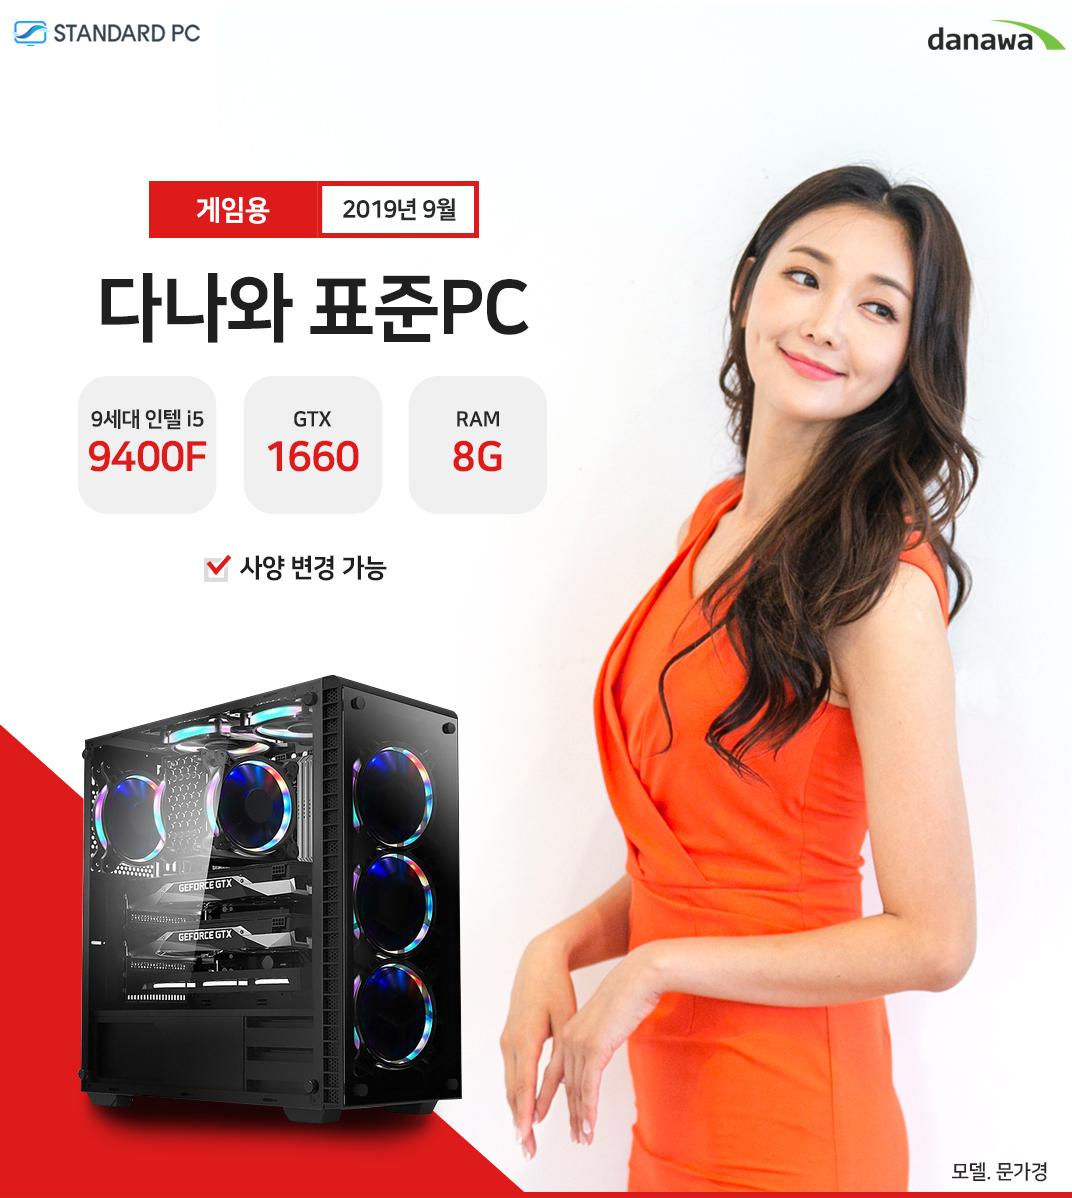 2019년 9월 다나와 표준PC 게임용 인텔 코어 i5-9세대 9400F GTX1660 RAM 8G 모델 문가경